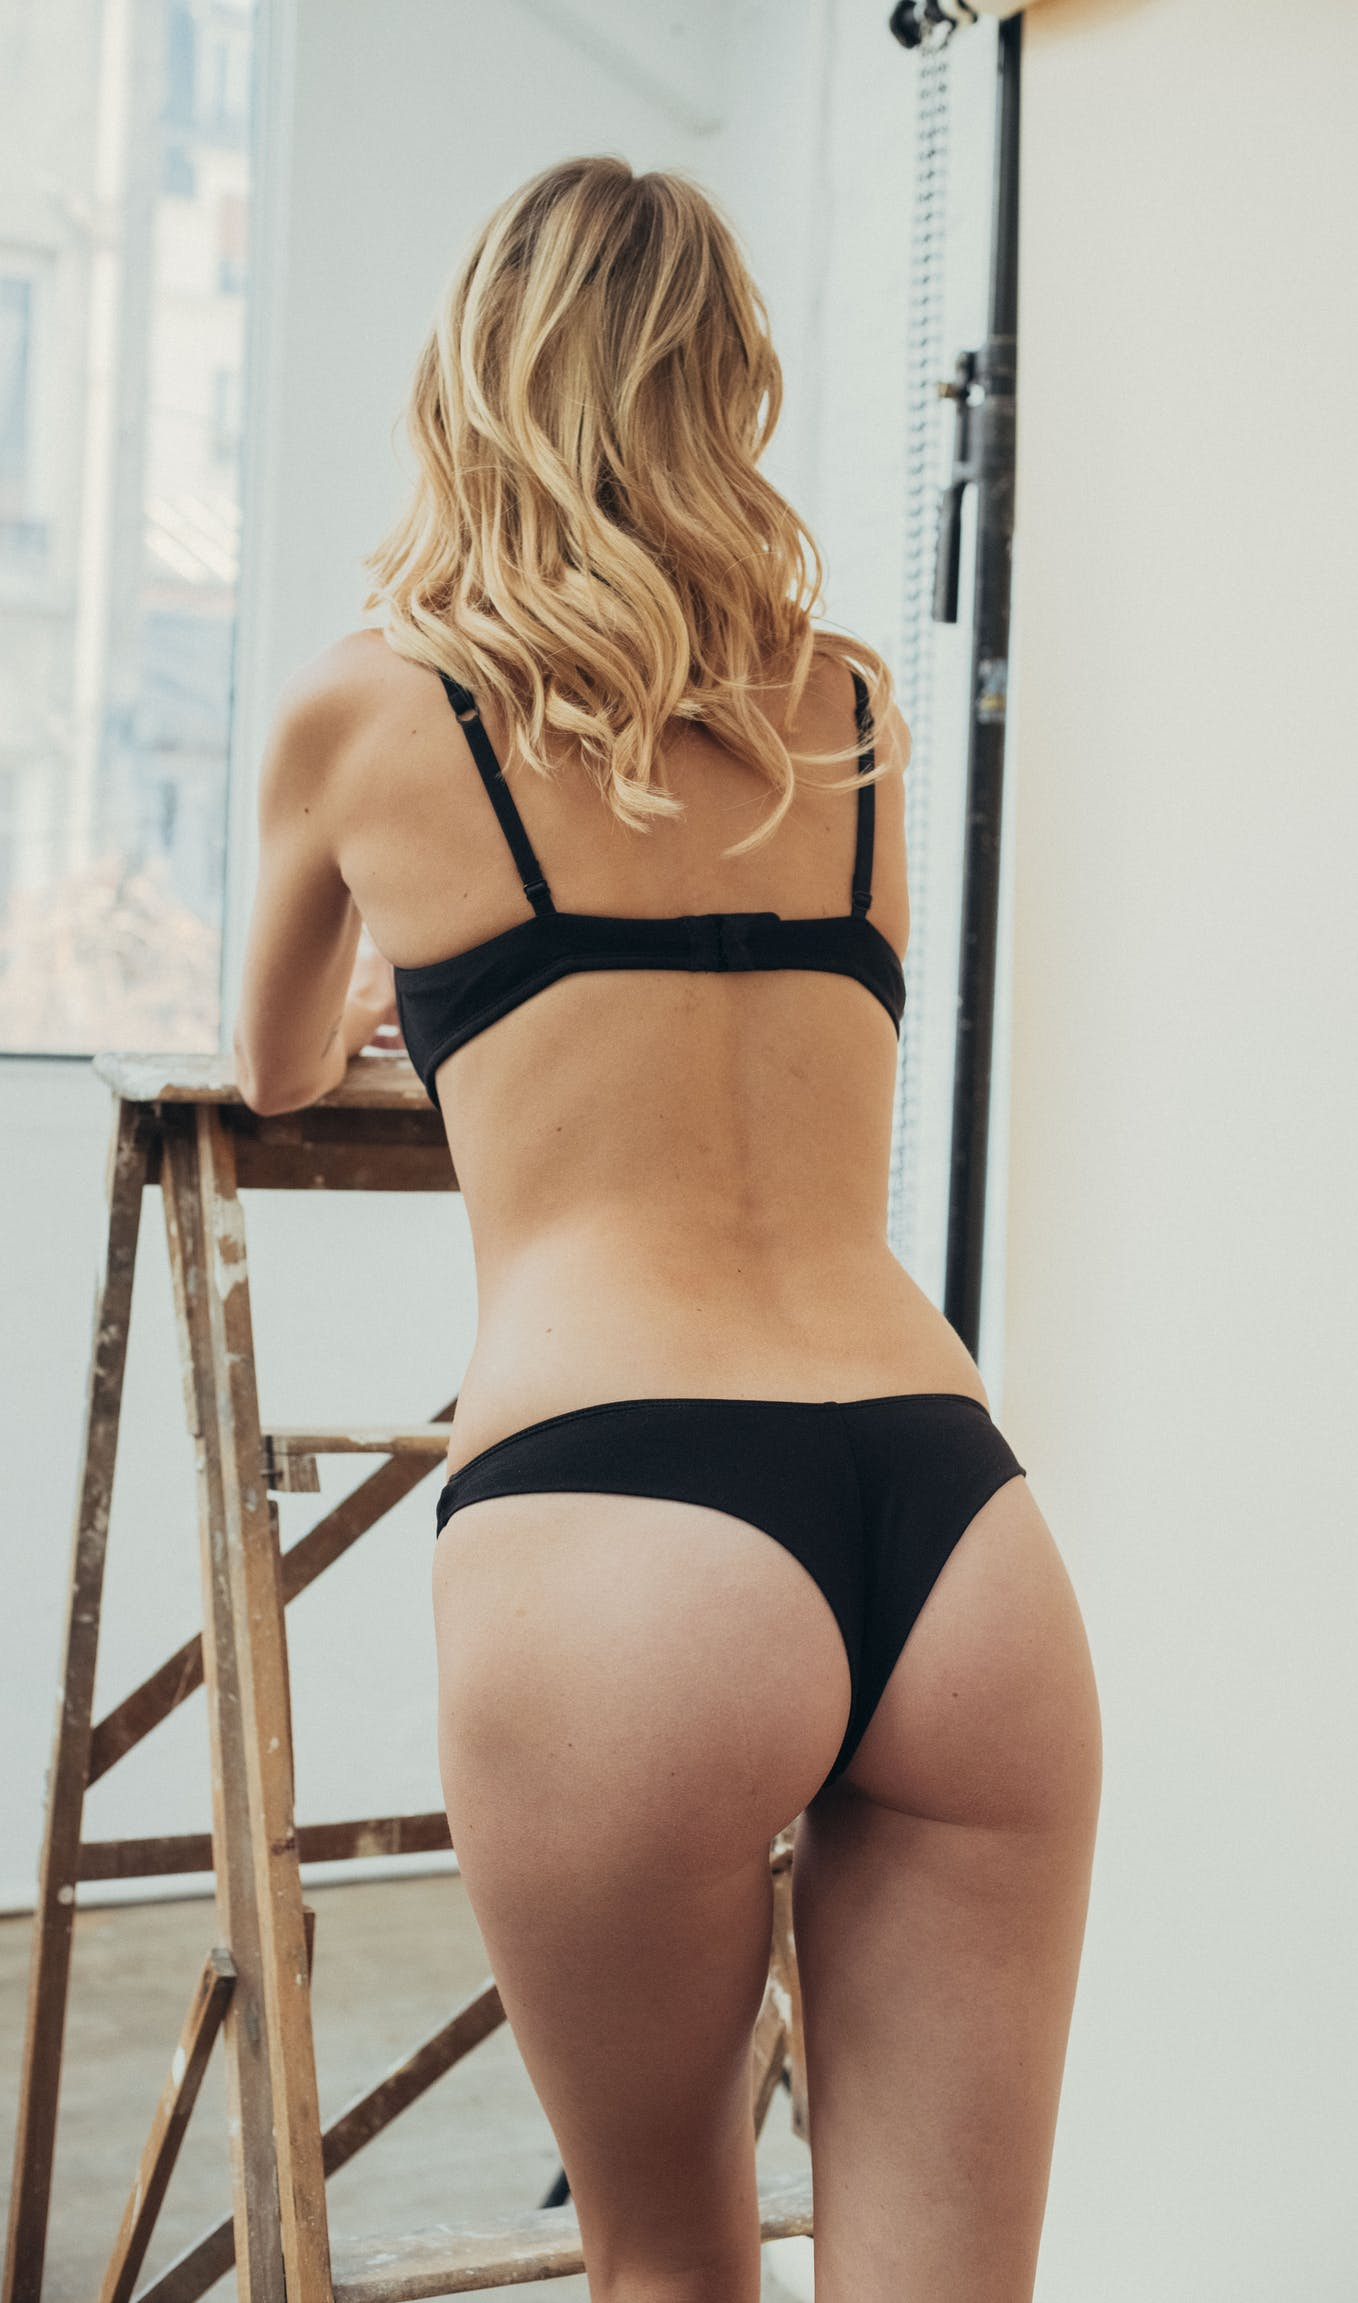 Back view of À fleur de peau Tanga briefs in black